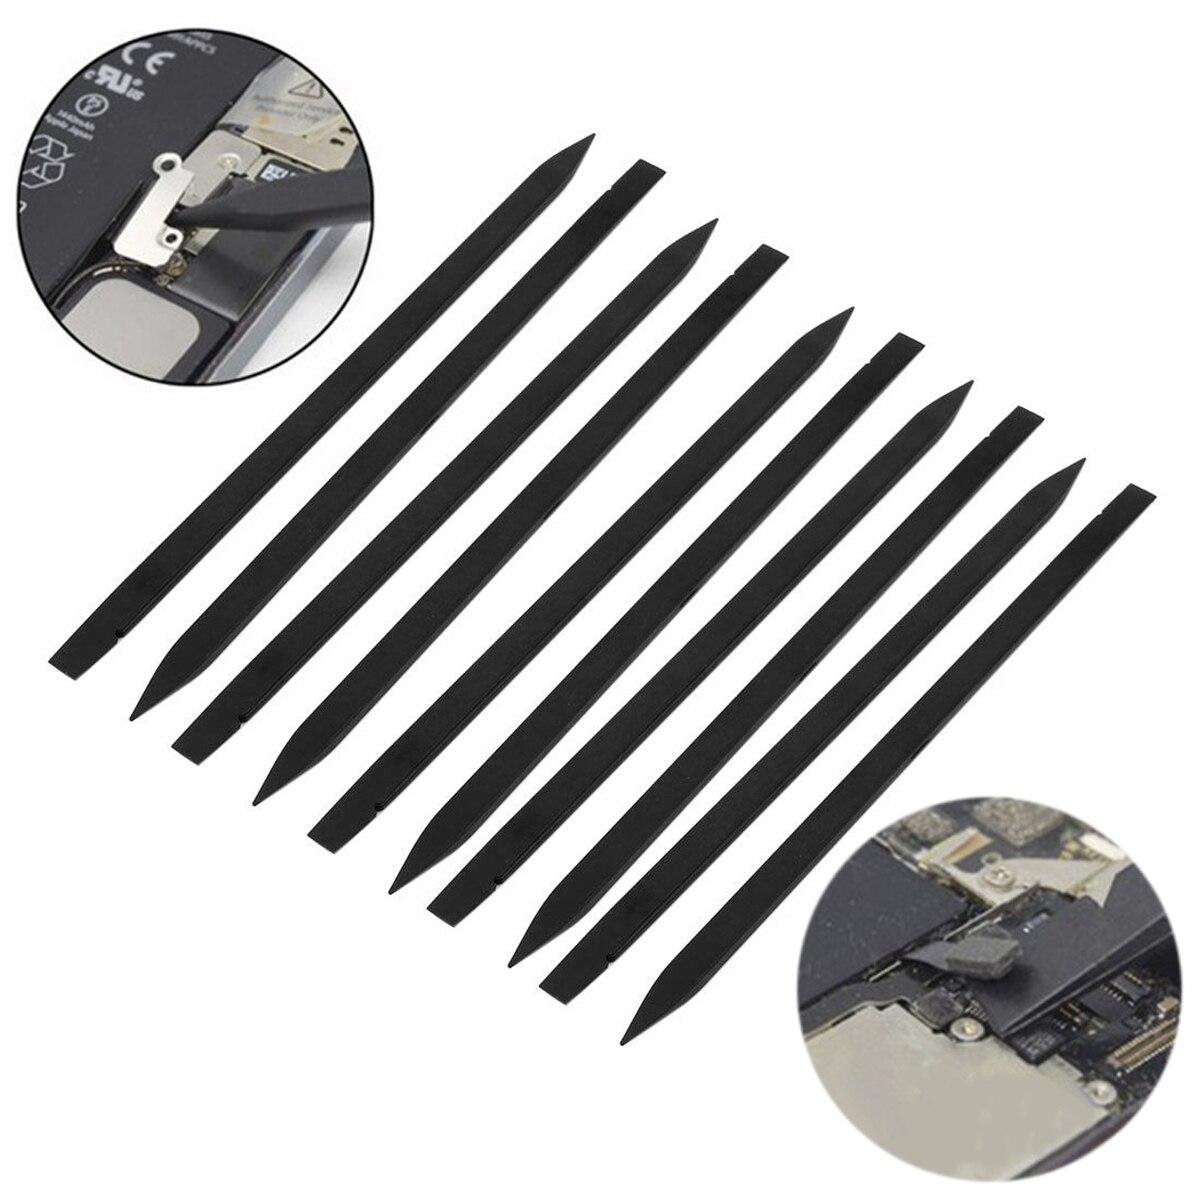 DWZ 10pcs Anti Static Plastic Spudger Stick Pry Opening Tool for Smartphone Repair